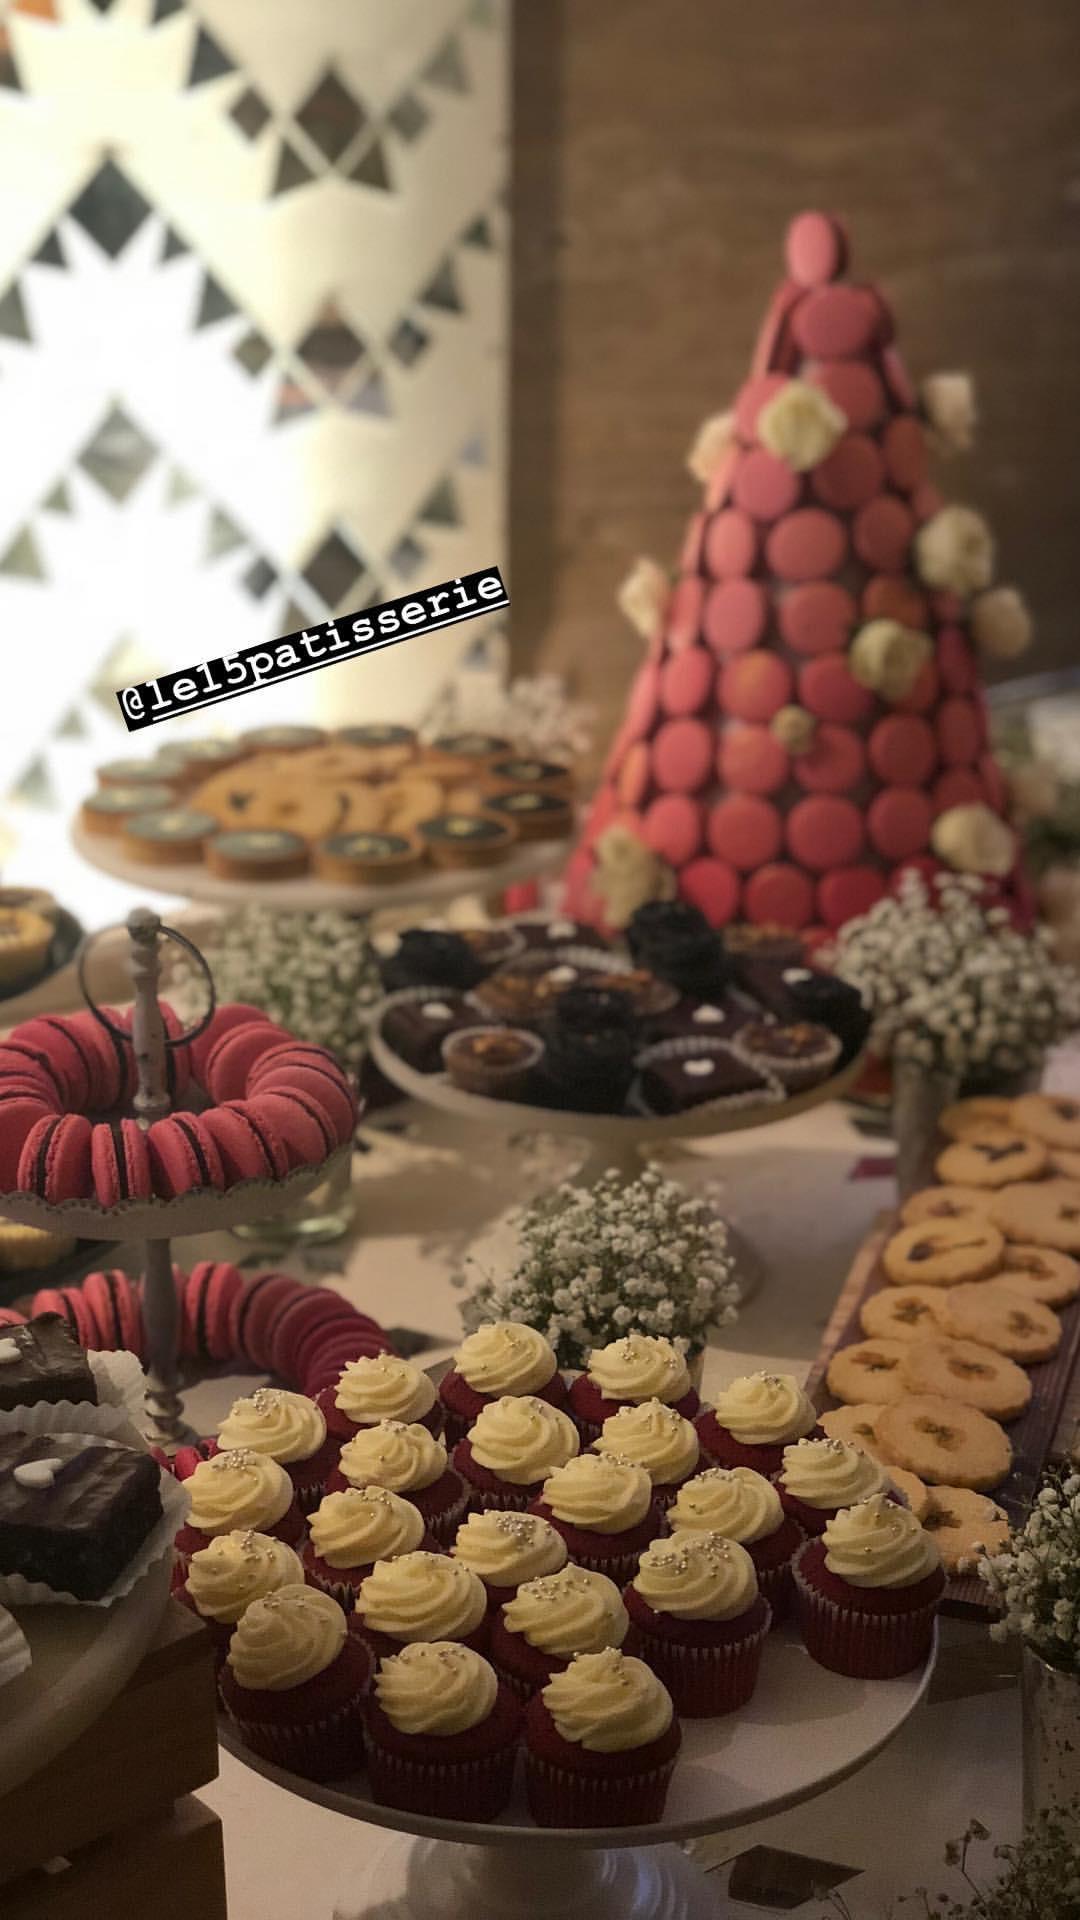 Sonam Kapoor's Mehendi Function- Desserts by Pooja Dhingra (owner of Le15 Patisserie)